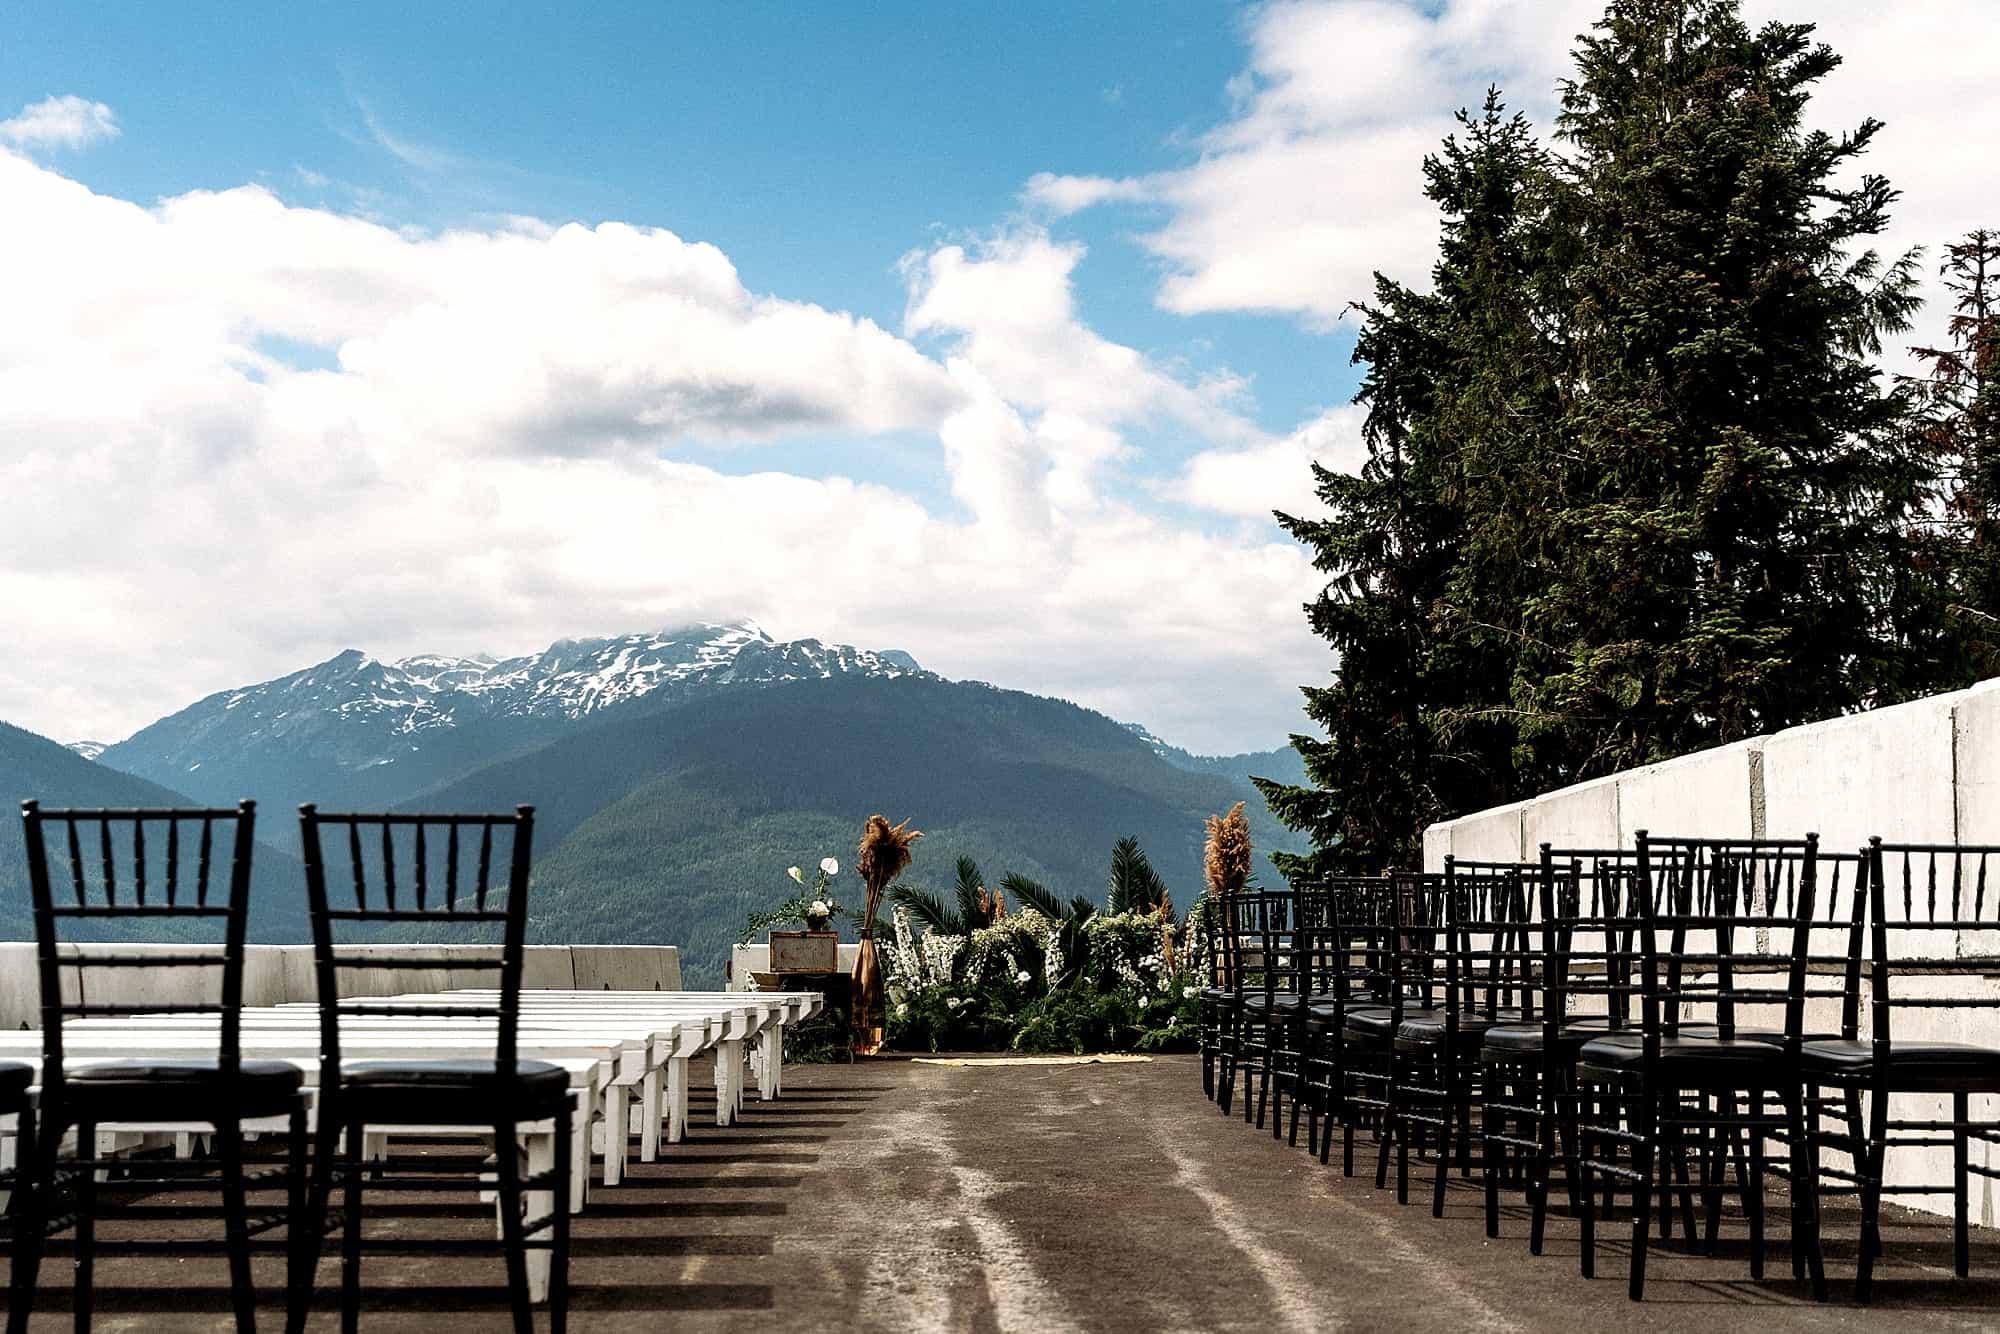 ceremony site for sliding centre wedding